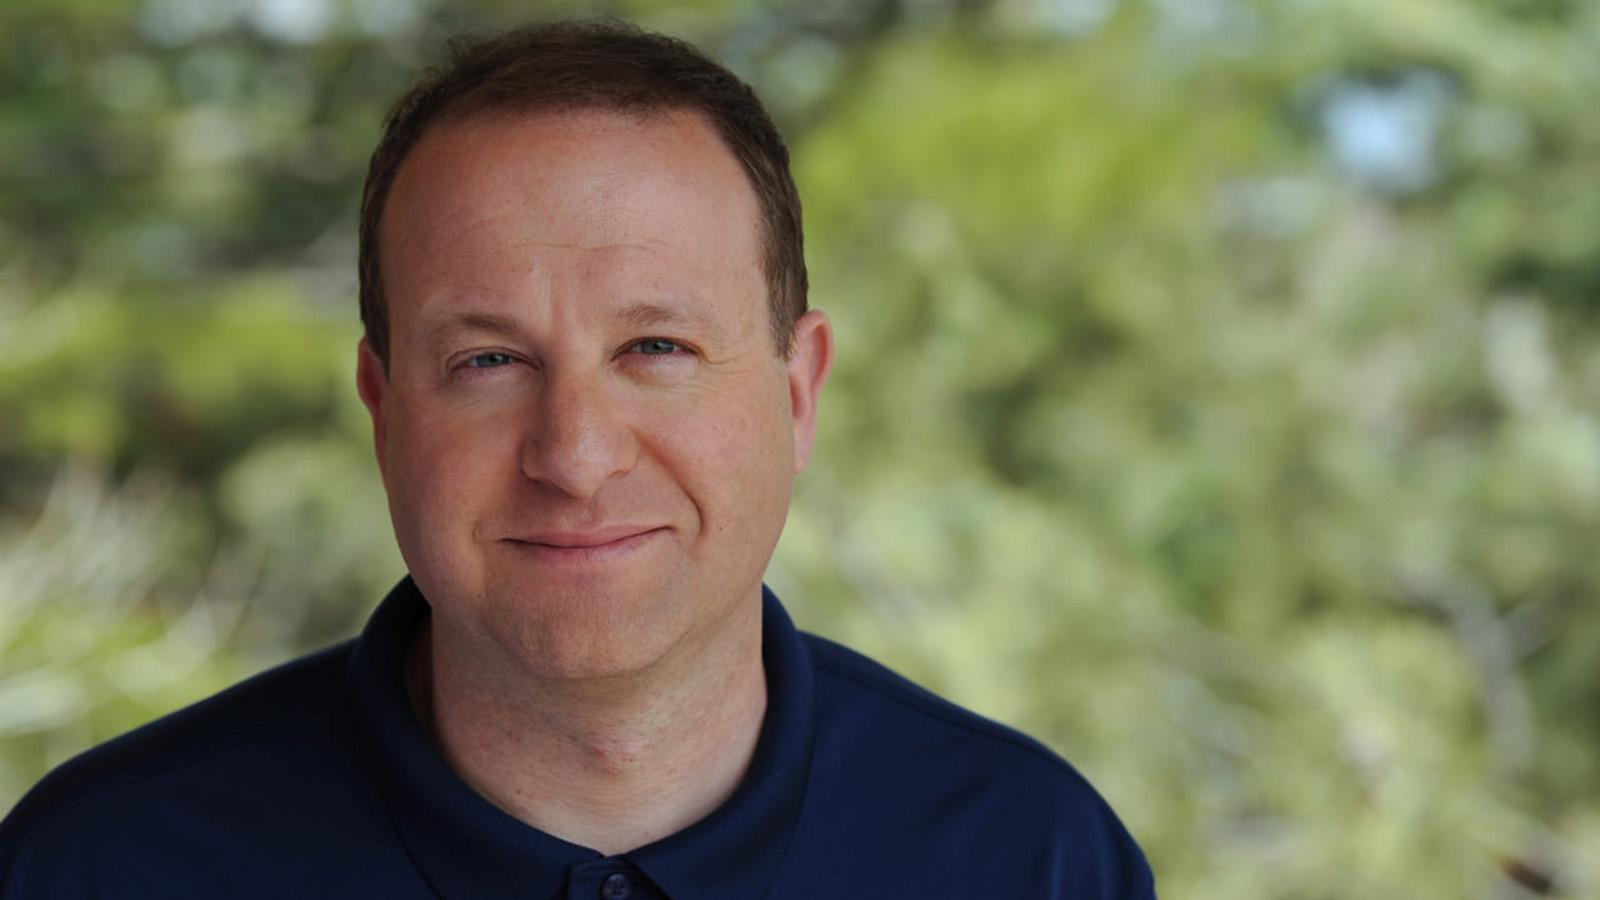 HRC Endorses Jared Polis for Governor of Colorado